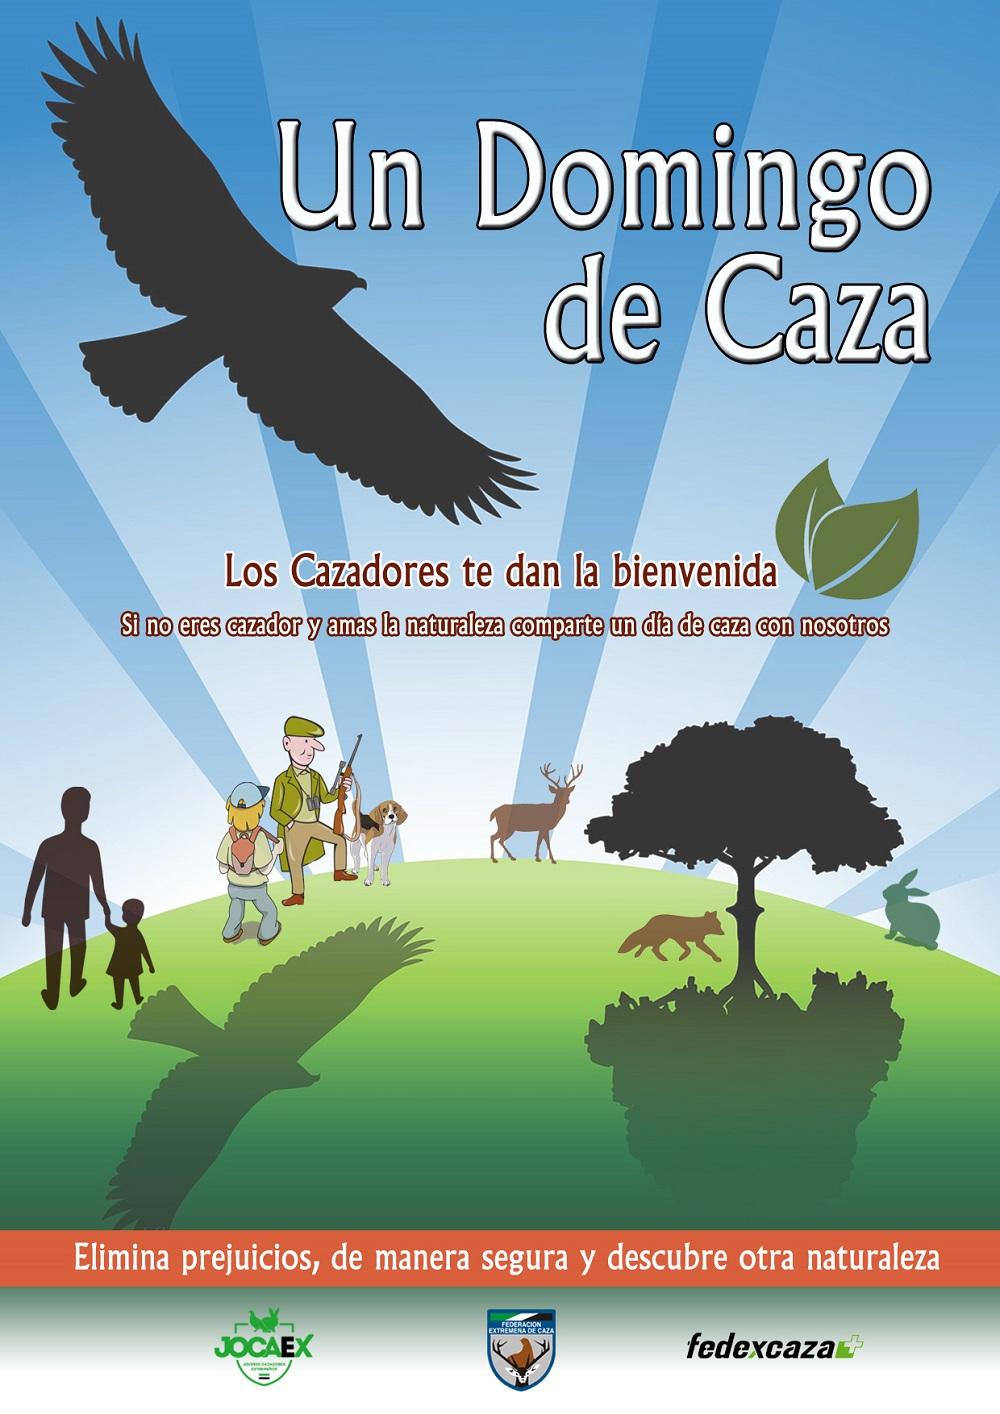 """Cartel del proyecto """"Un Domingo de Caza"""" de la Federación Extremeña de Caza."""